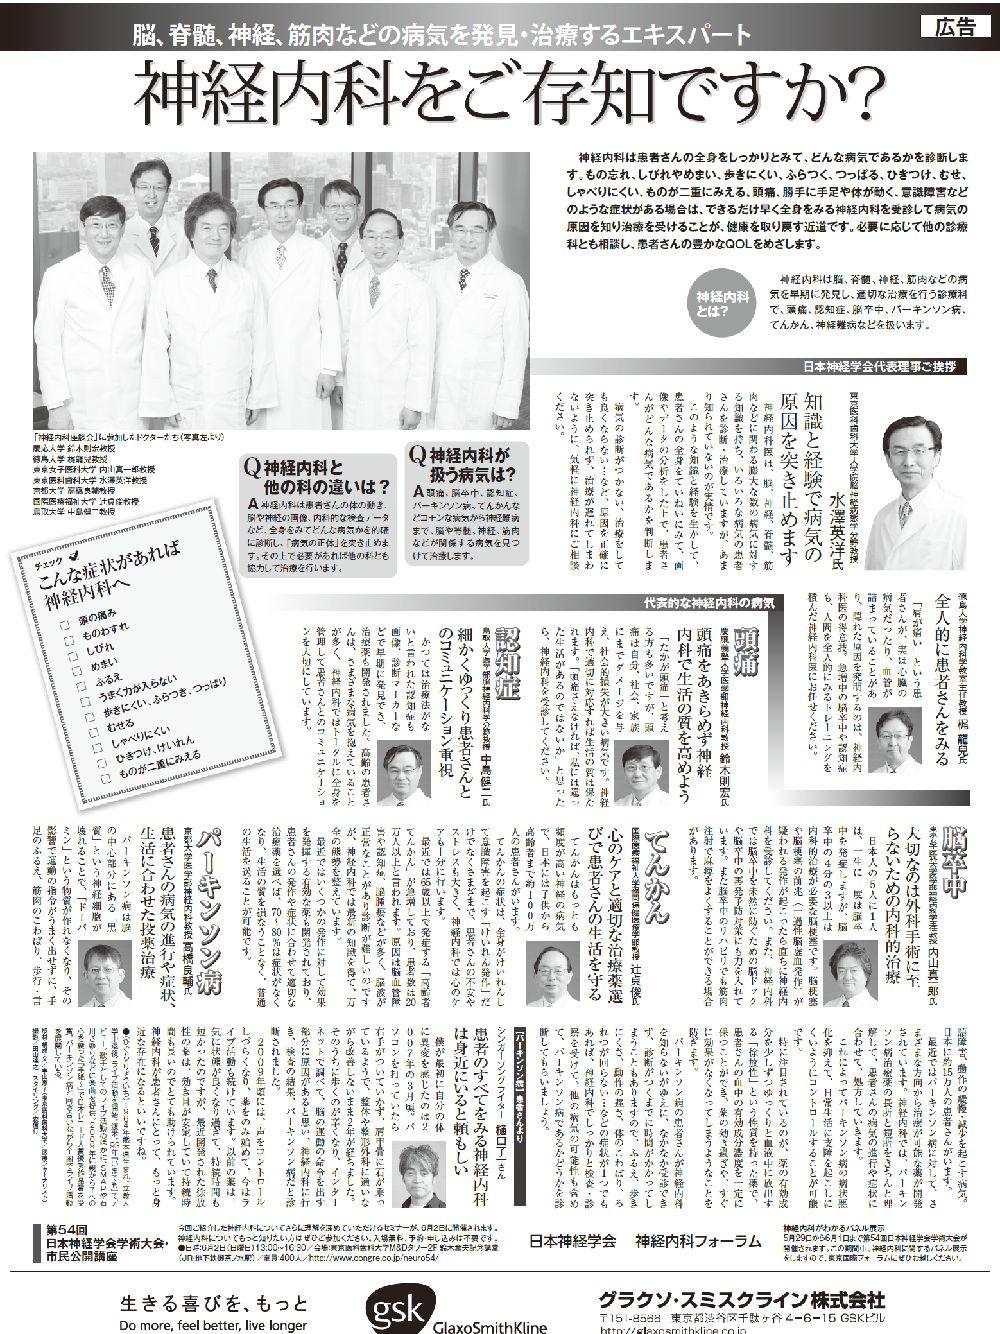 読売新聞『神経内科をご存知ですか』全ページ広告